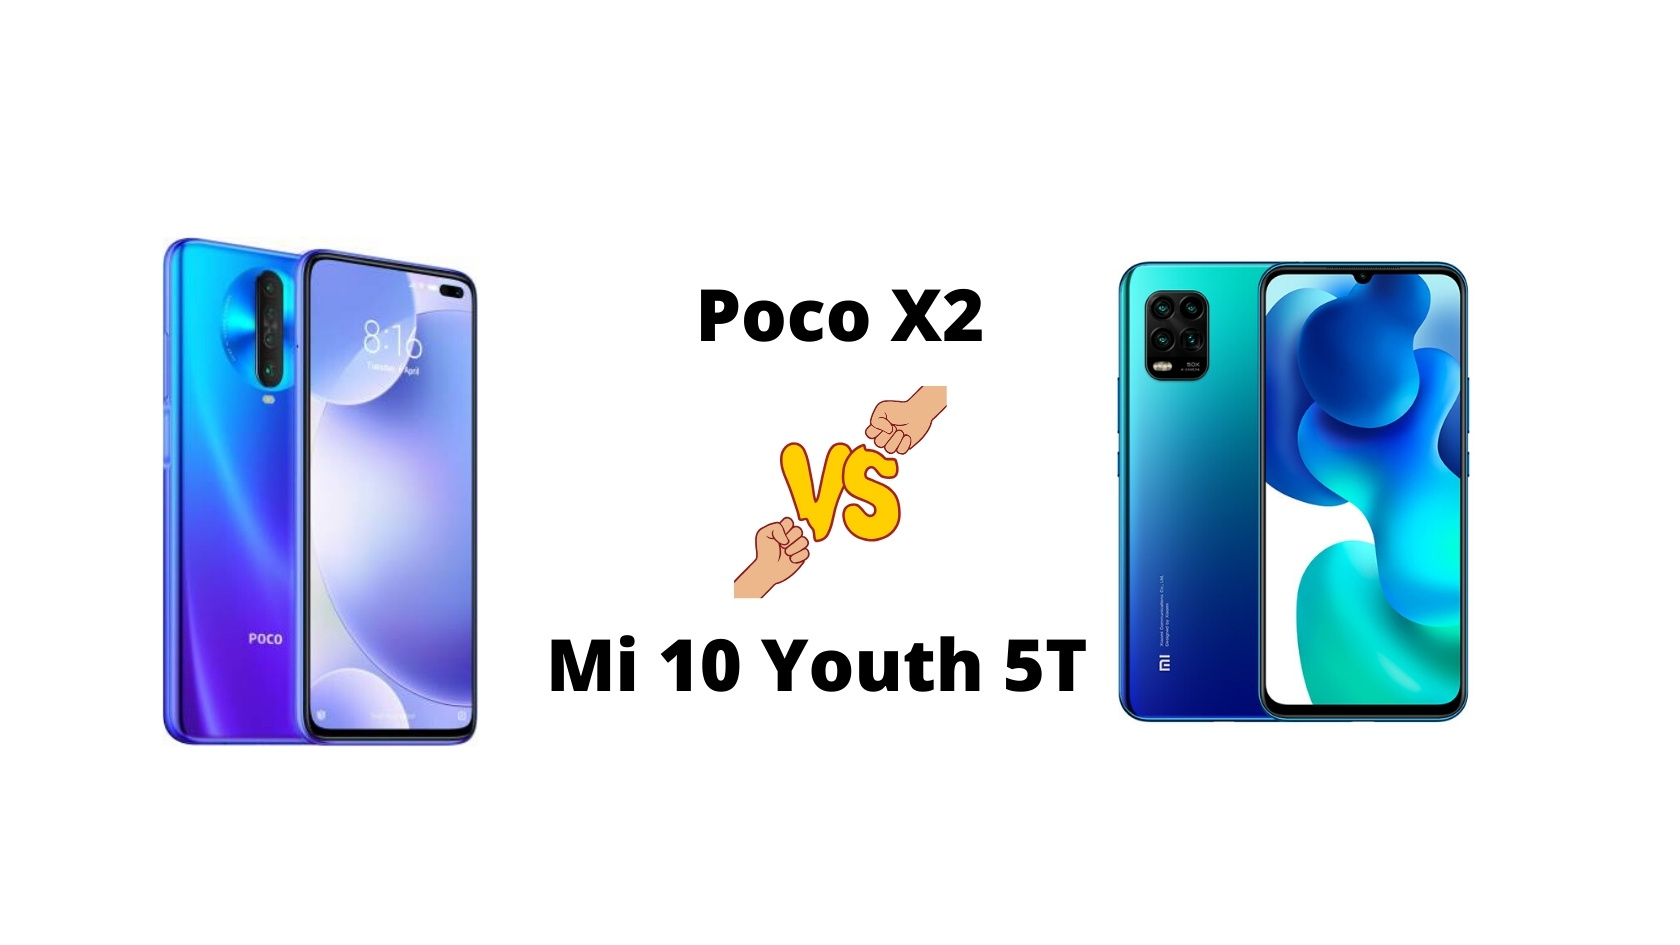 Poco X2 vs Mi 10 Youth 5G